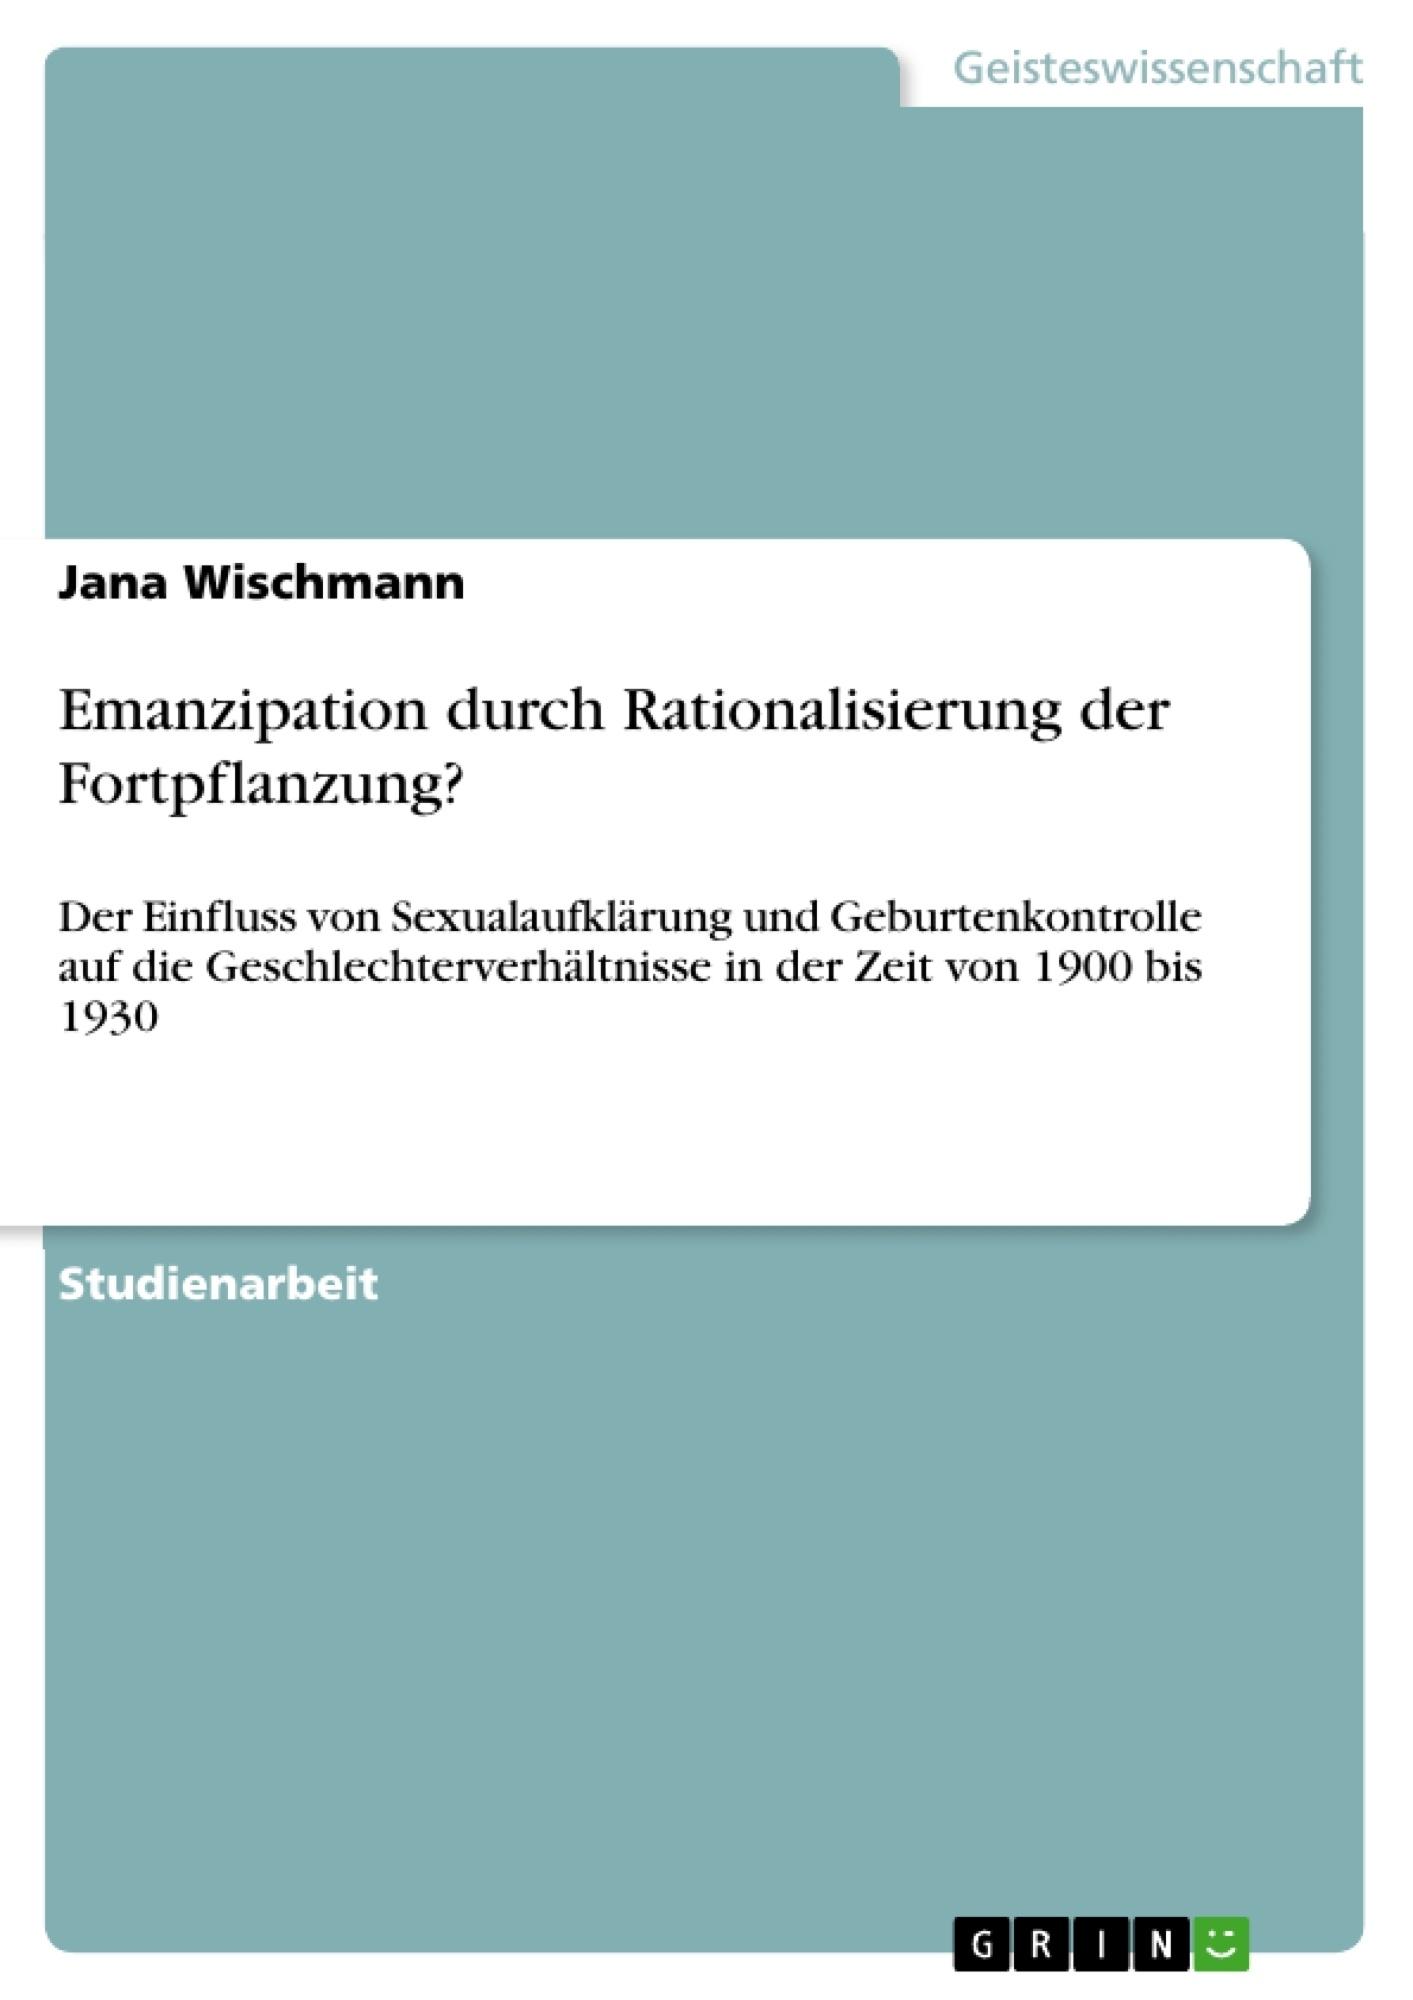 Titel: Emanzipation durch Rationalisierung der Fortpflanzung?